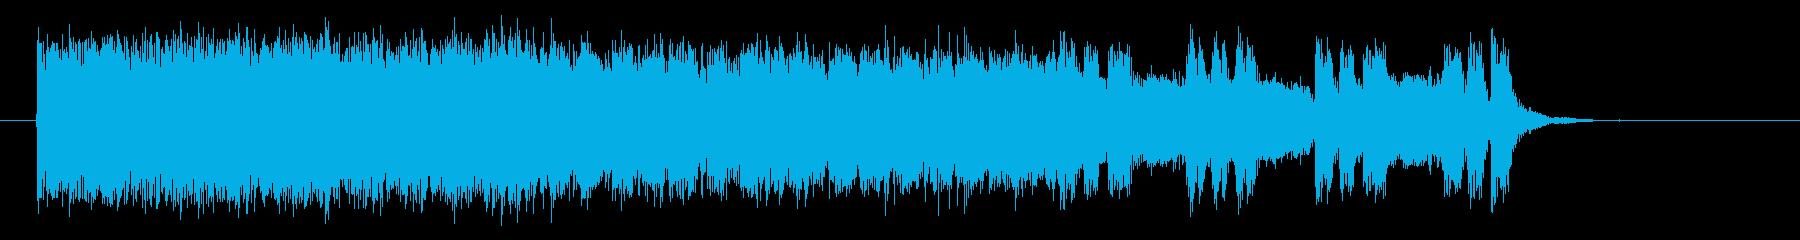 テクノ調で爽快なロックの再生済みの波形